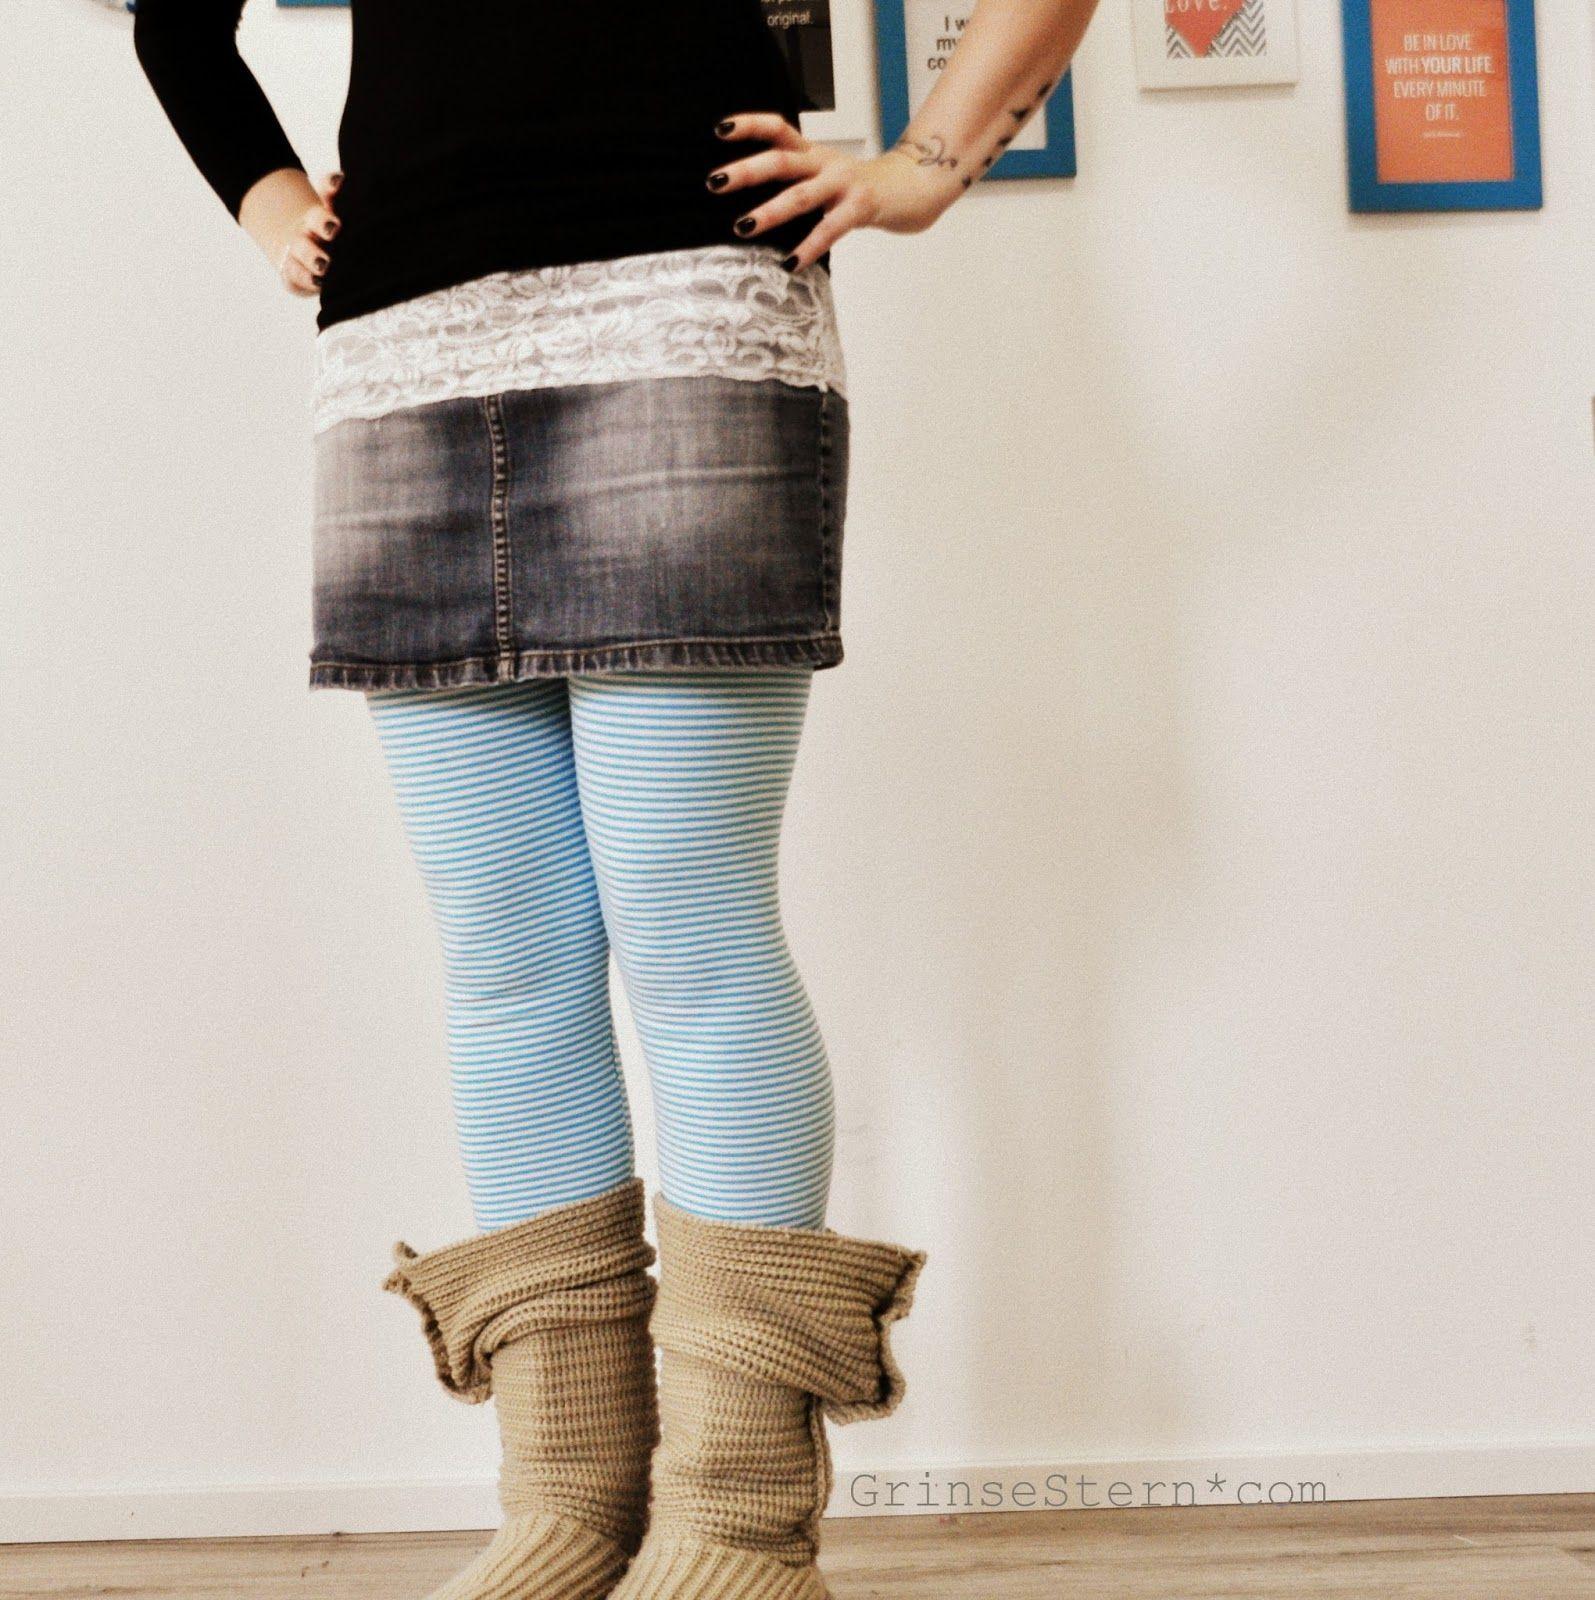 ich liebe ja röcke, hab mir ja auch schon den ein oder  anderen  genäht ... *lol*   und da trag ich dann meistens leggings drunter ...   ei...